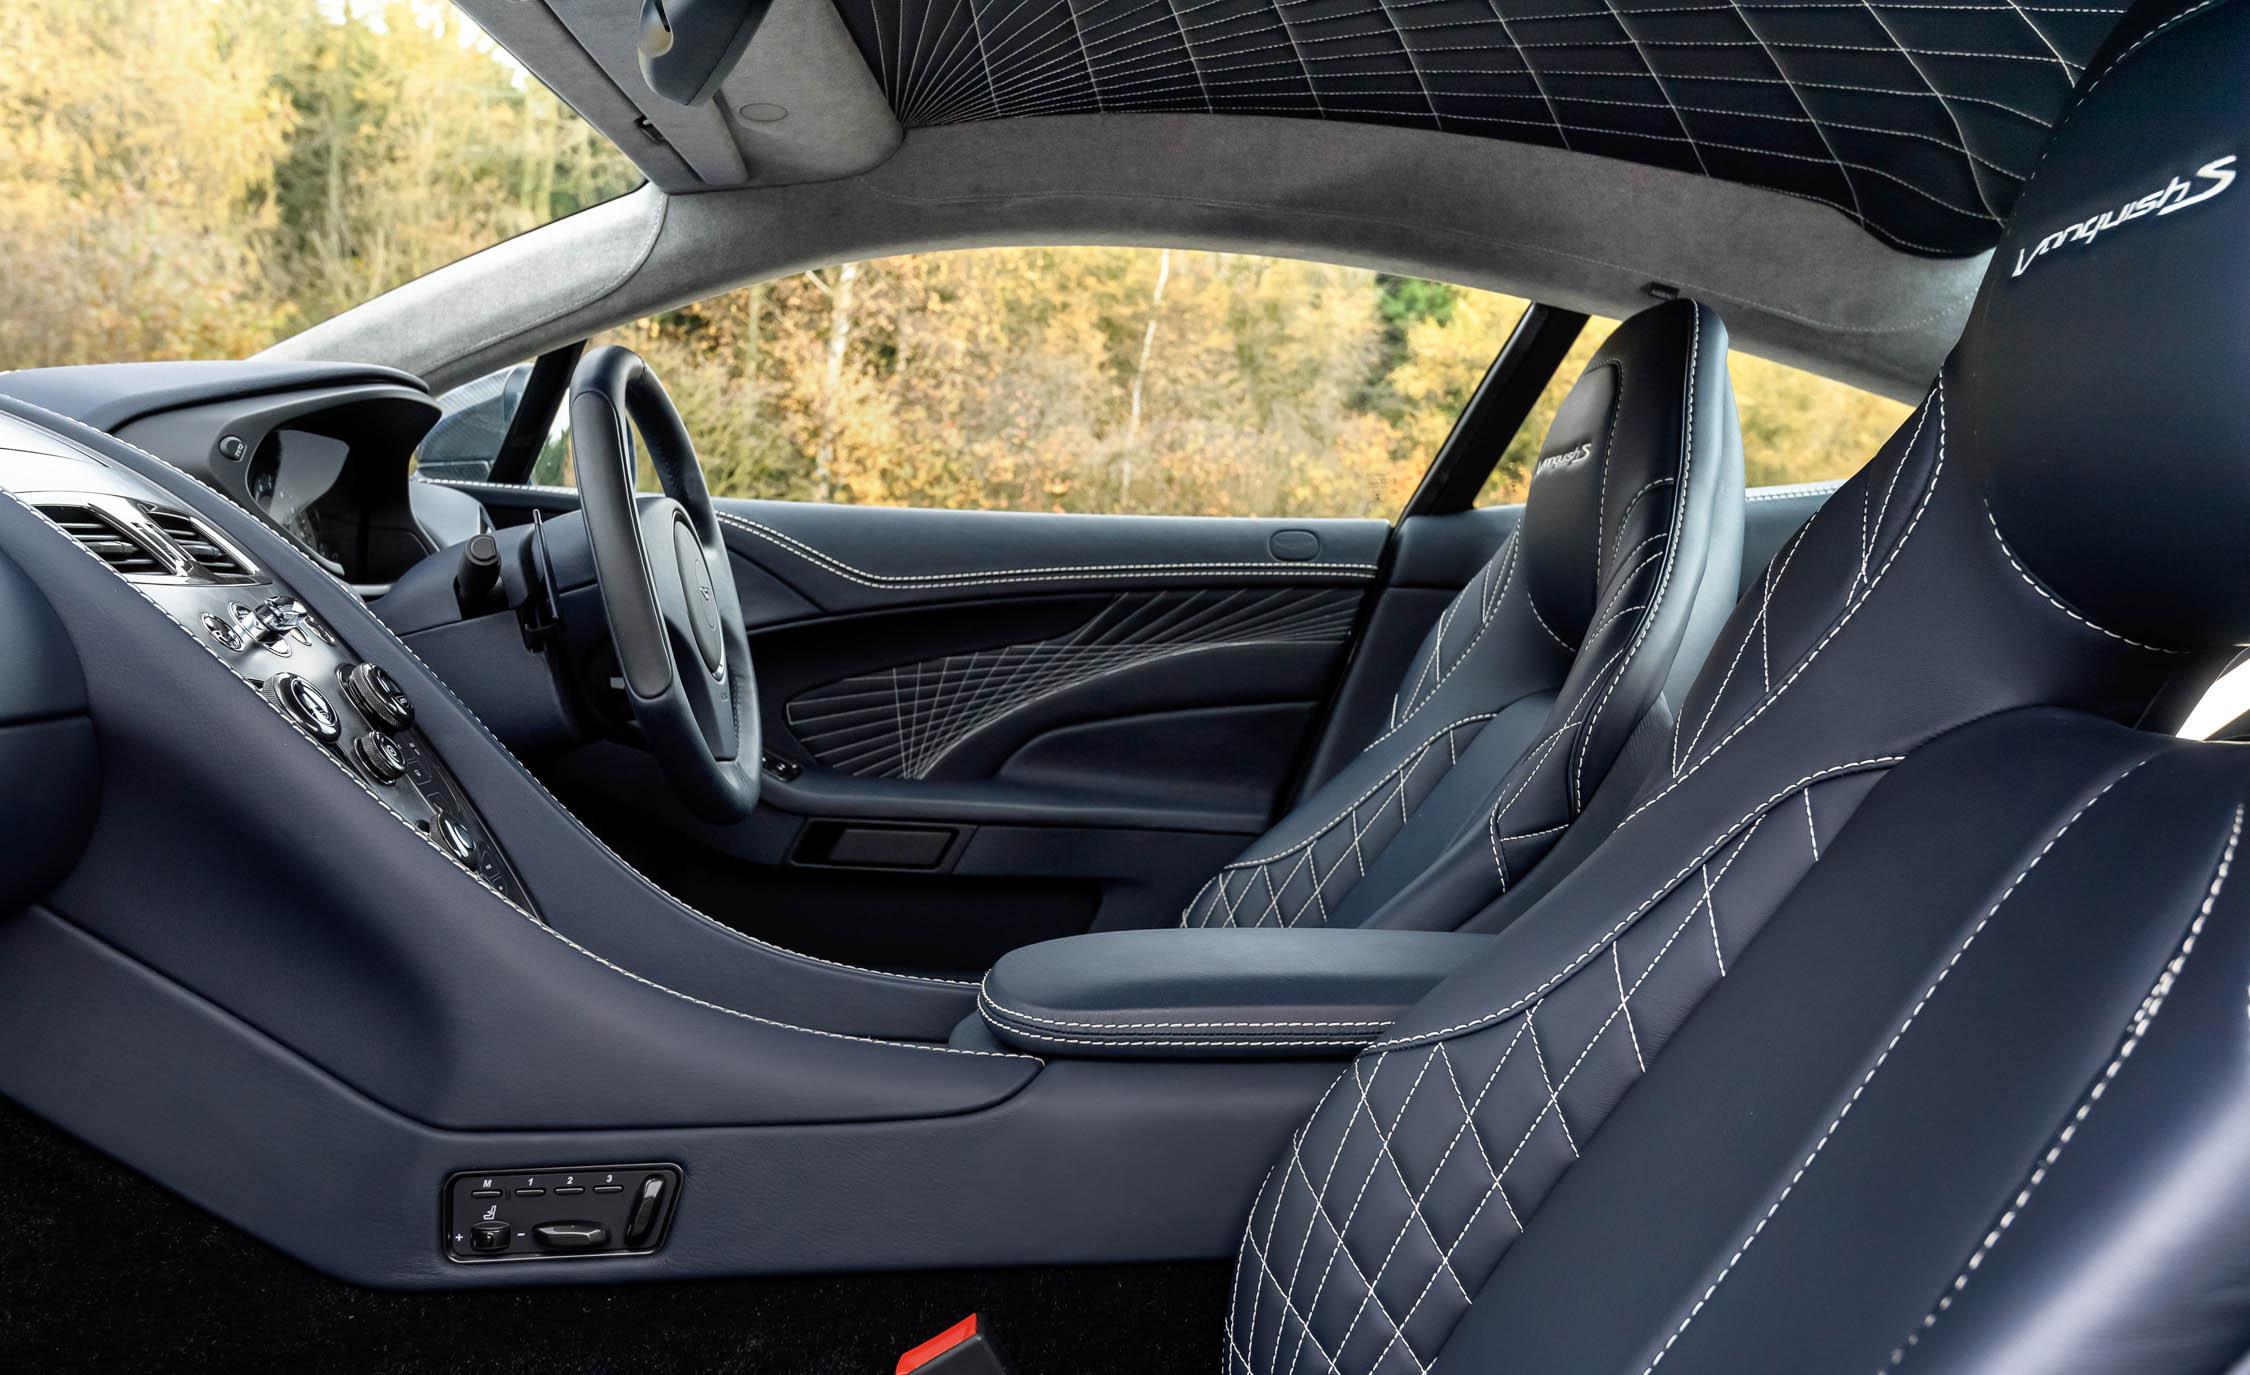 2017 Aston Martin Vanquish S (View 7 of 30)